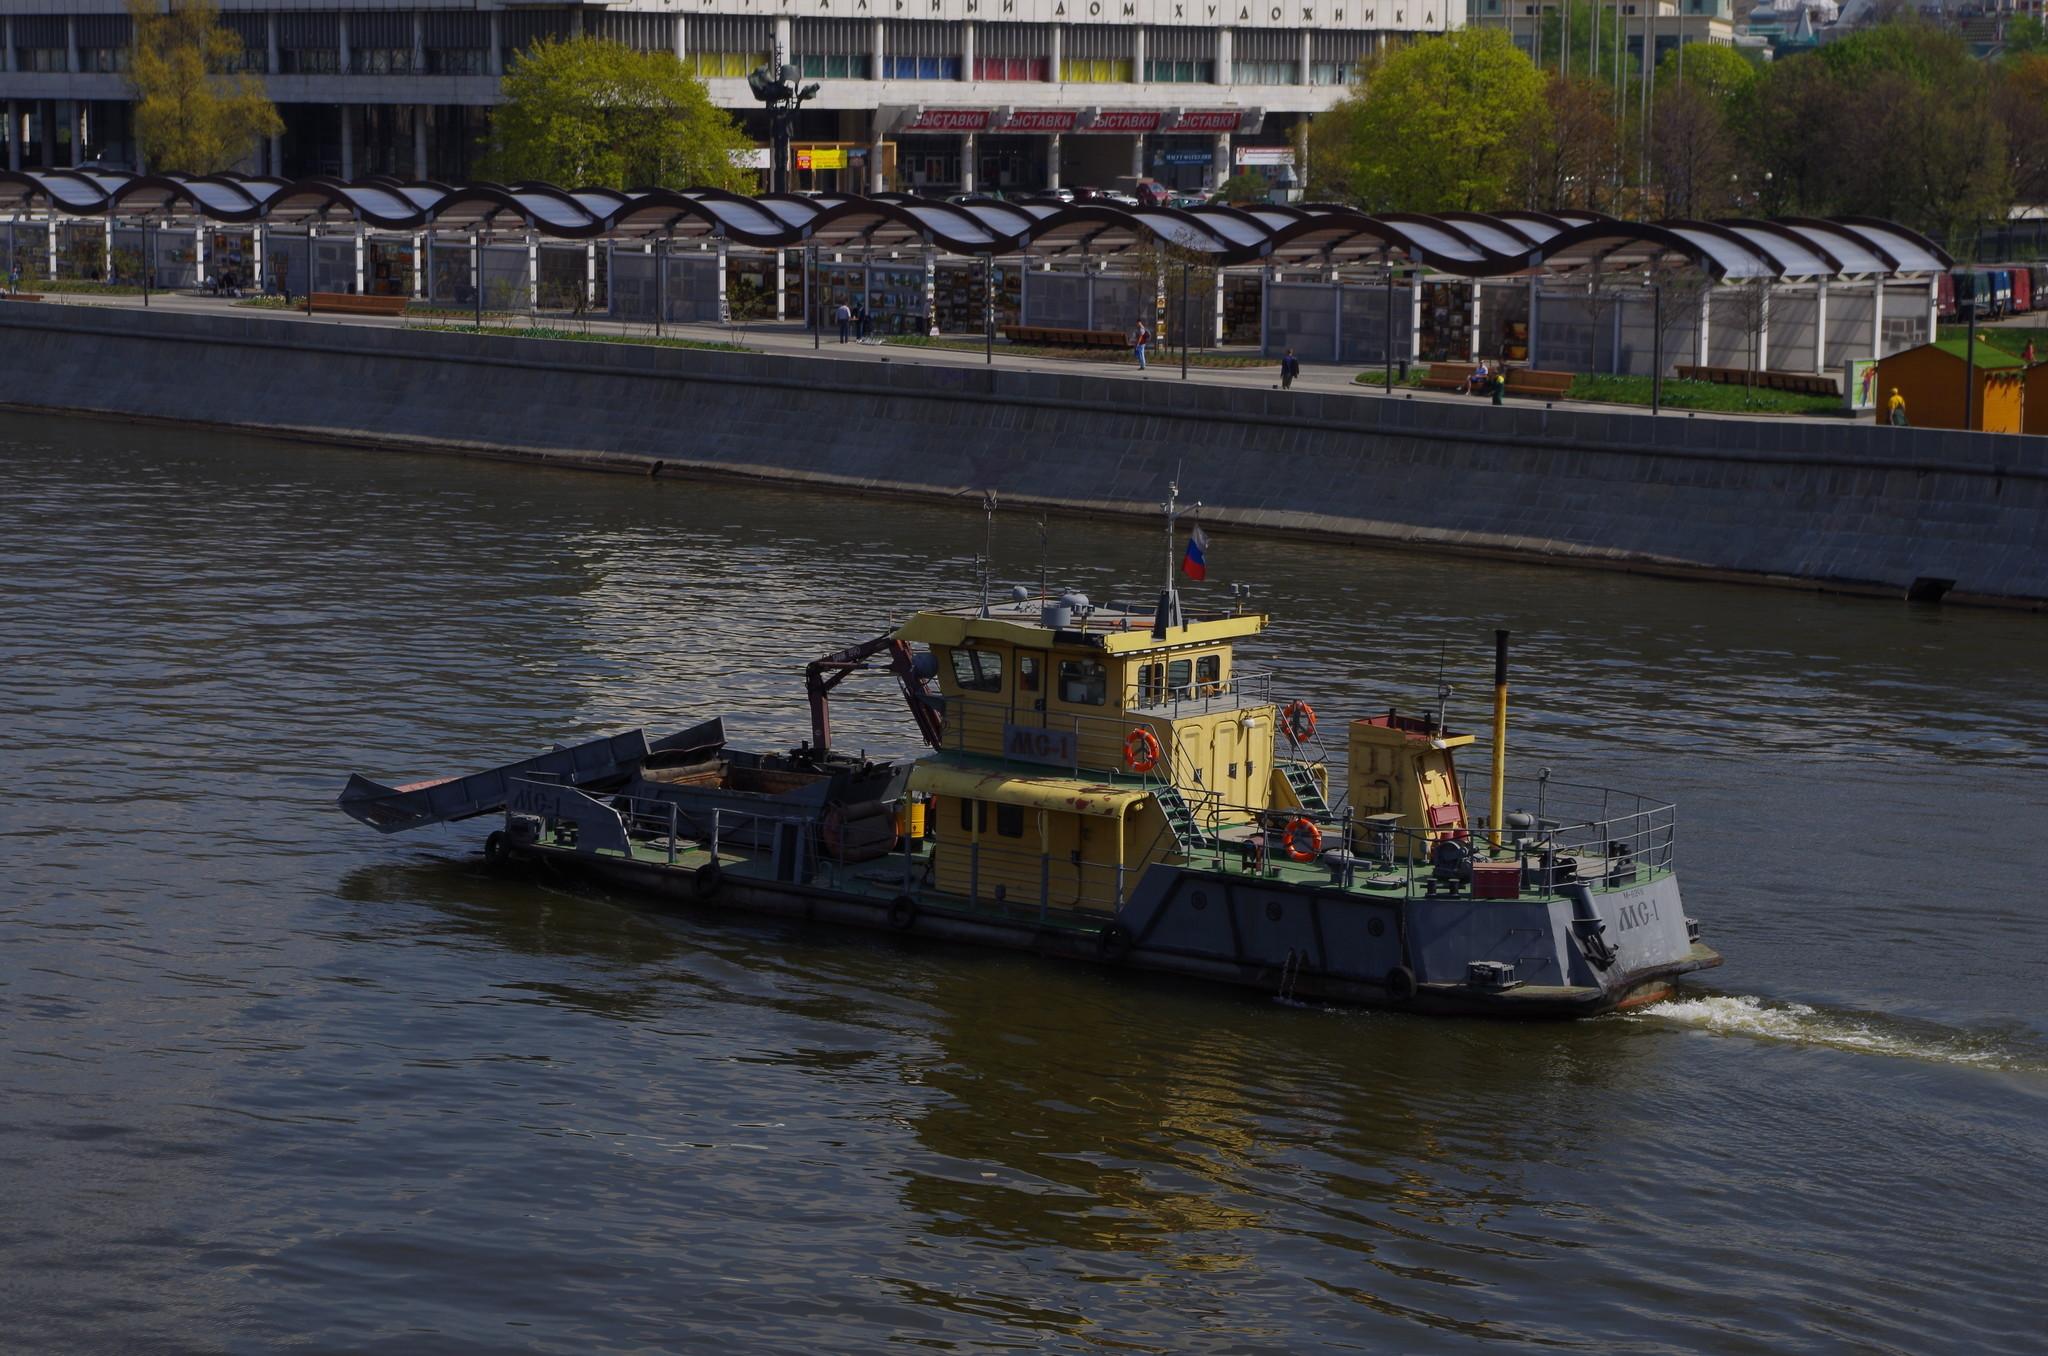 Судно МС-1 - самоходный речной мусоросборщик на Москве-реке